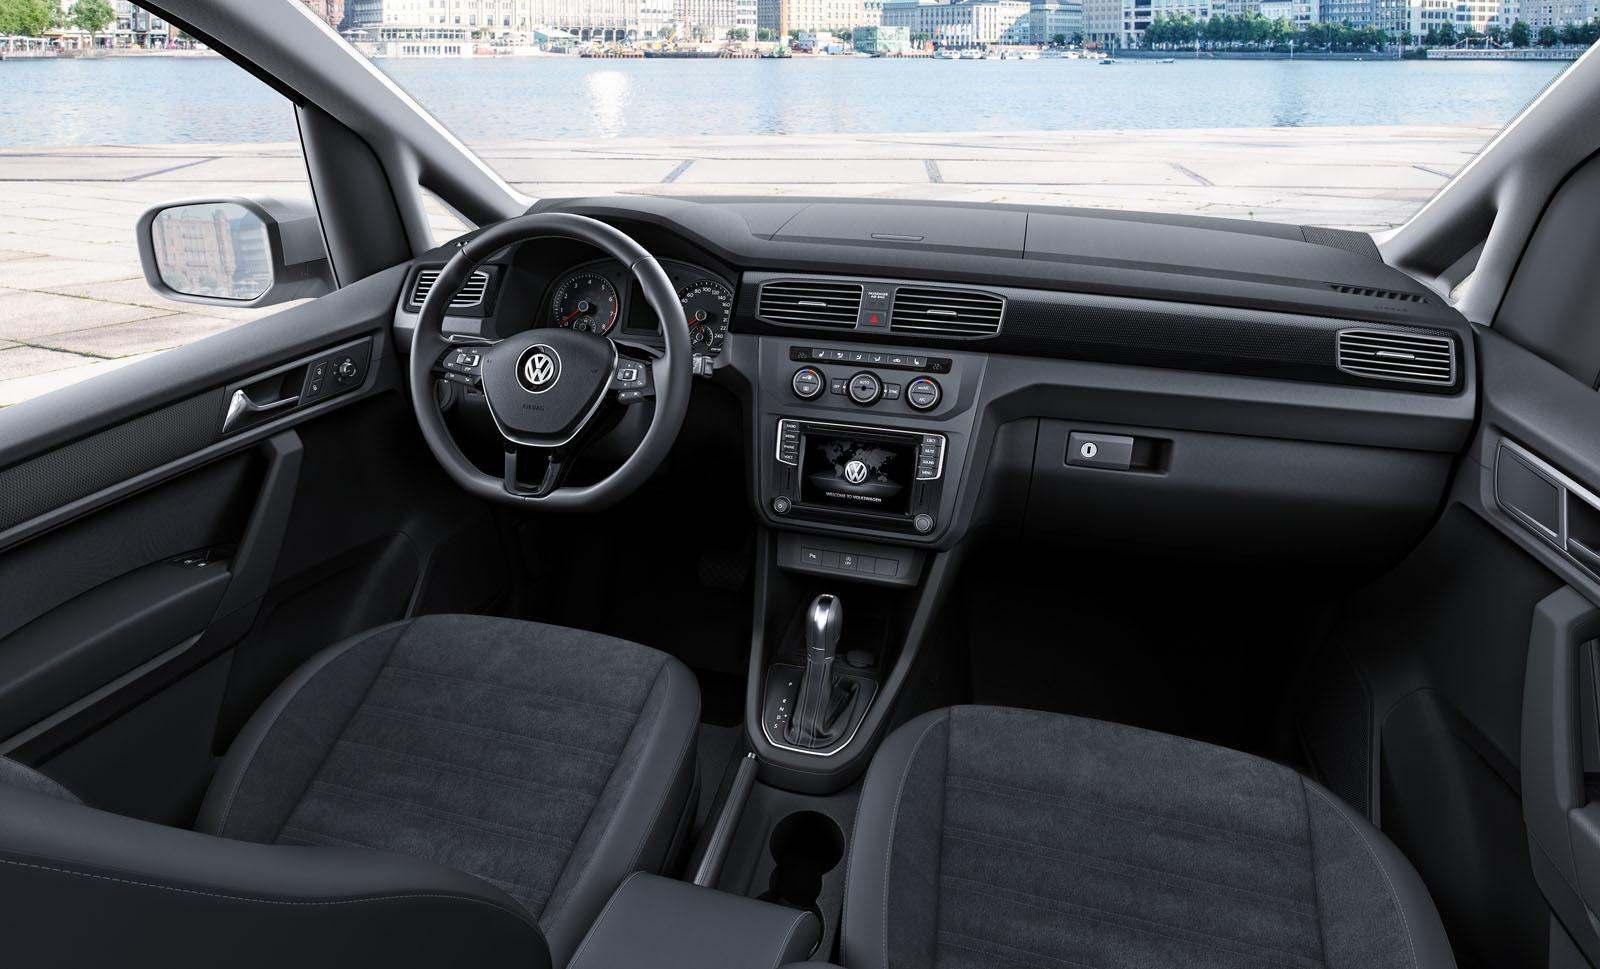 Yeni VW Caddy İç Mekan Tasarımı